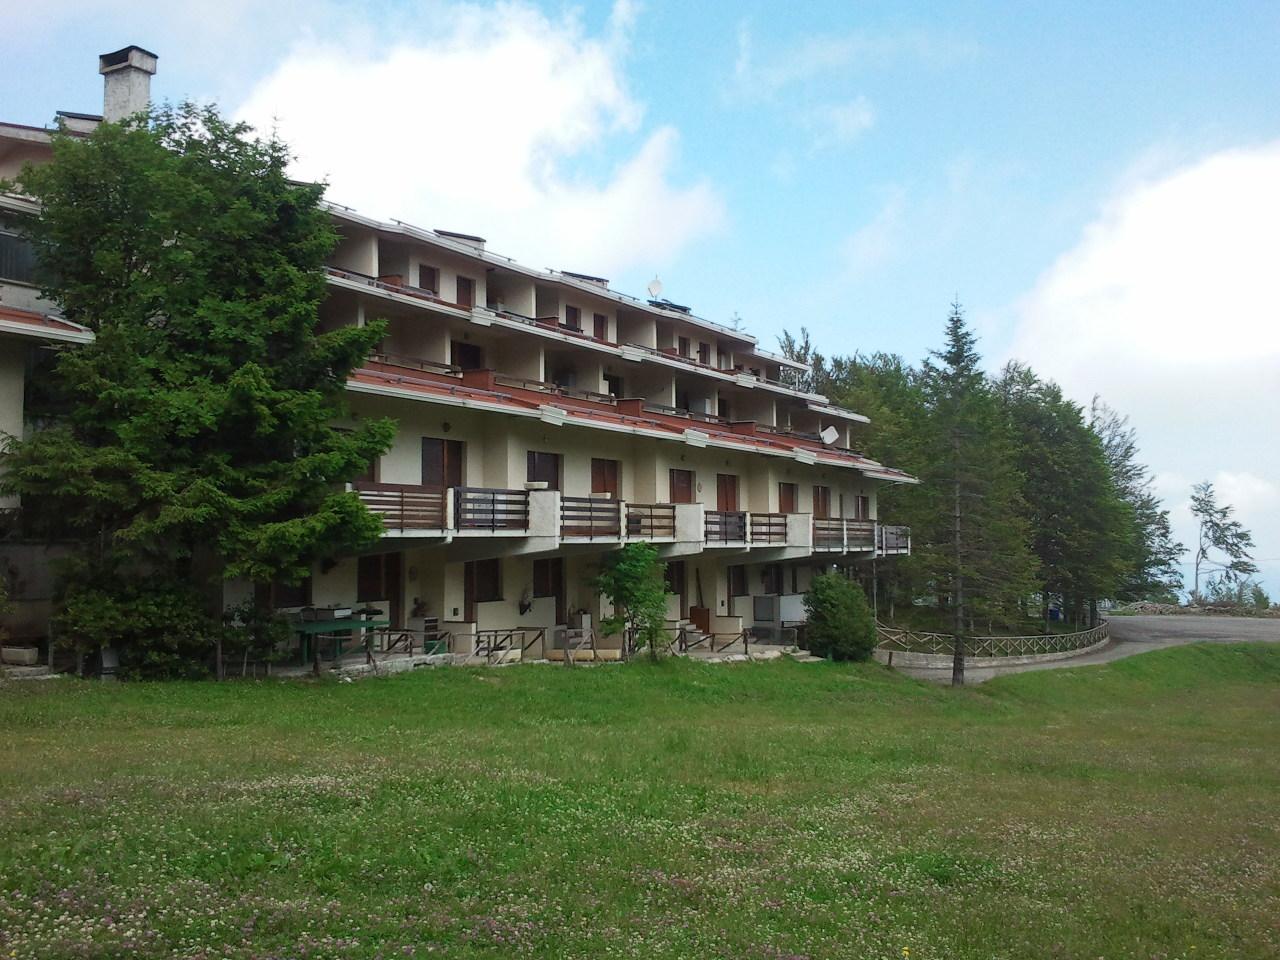 Appartamento in vendita a Ramiseto, 1 locali, prezzo € 25.000 | Cambio Casa.it